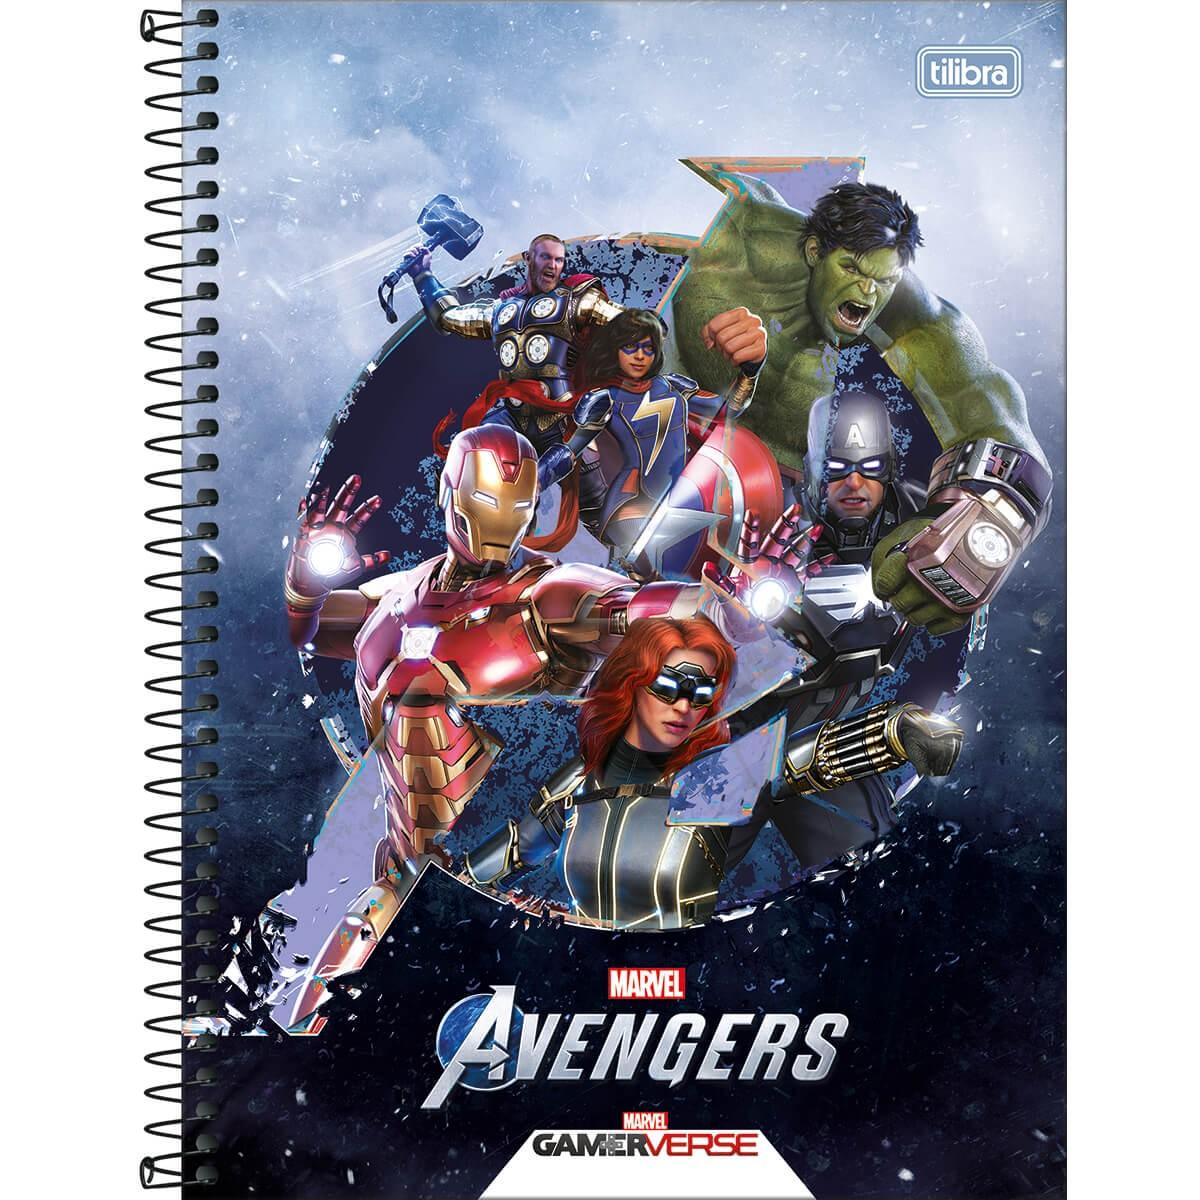 Caderno Universitário Avengers Gamerverse 1 Matéria 80 Fls - Tilibra